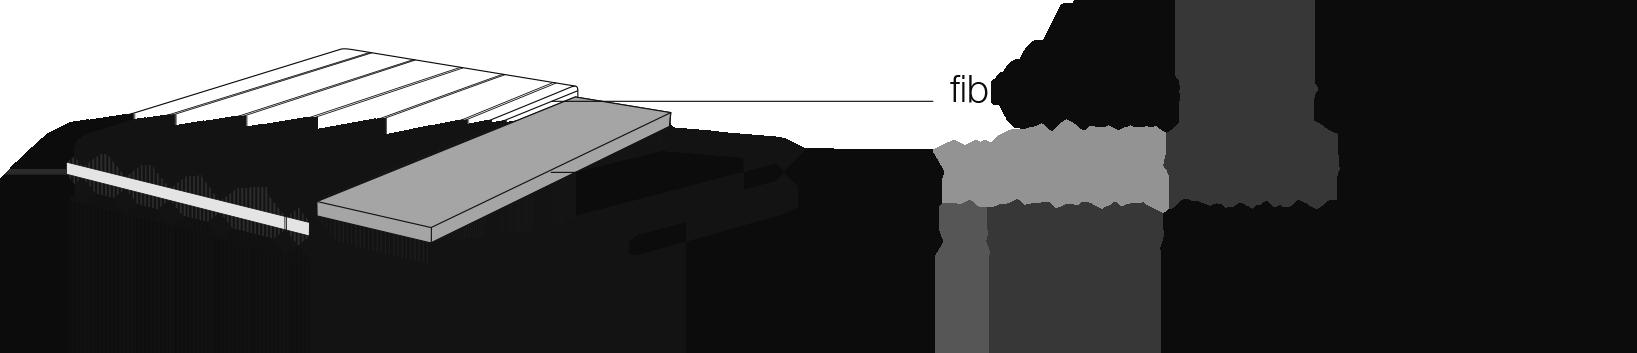 Composition du matelas : VISCOGELFOAM 52 kg / m3 ( 3 cm d'épaisseur) et BFOAM 40 kg / m3 (16 cm d'épaisseur)